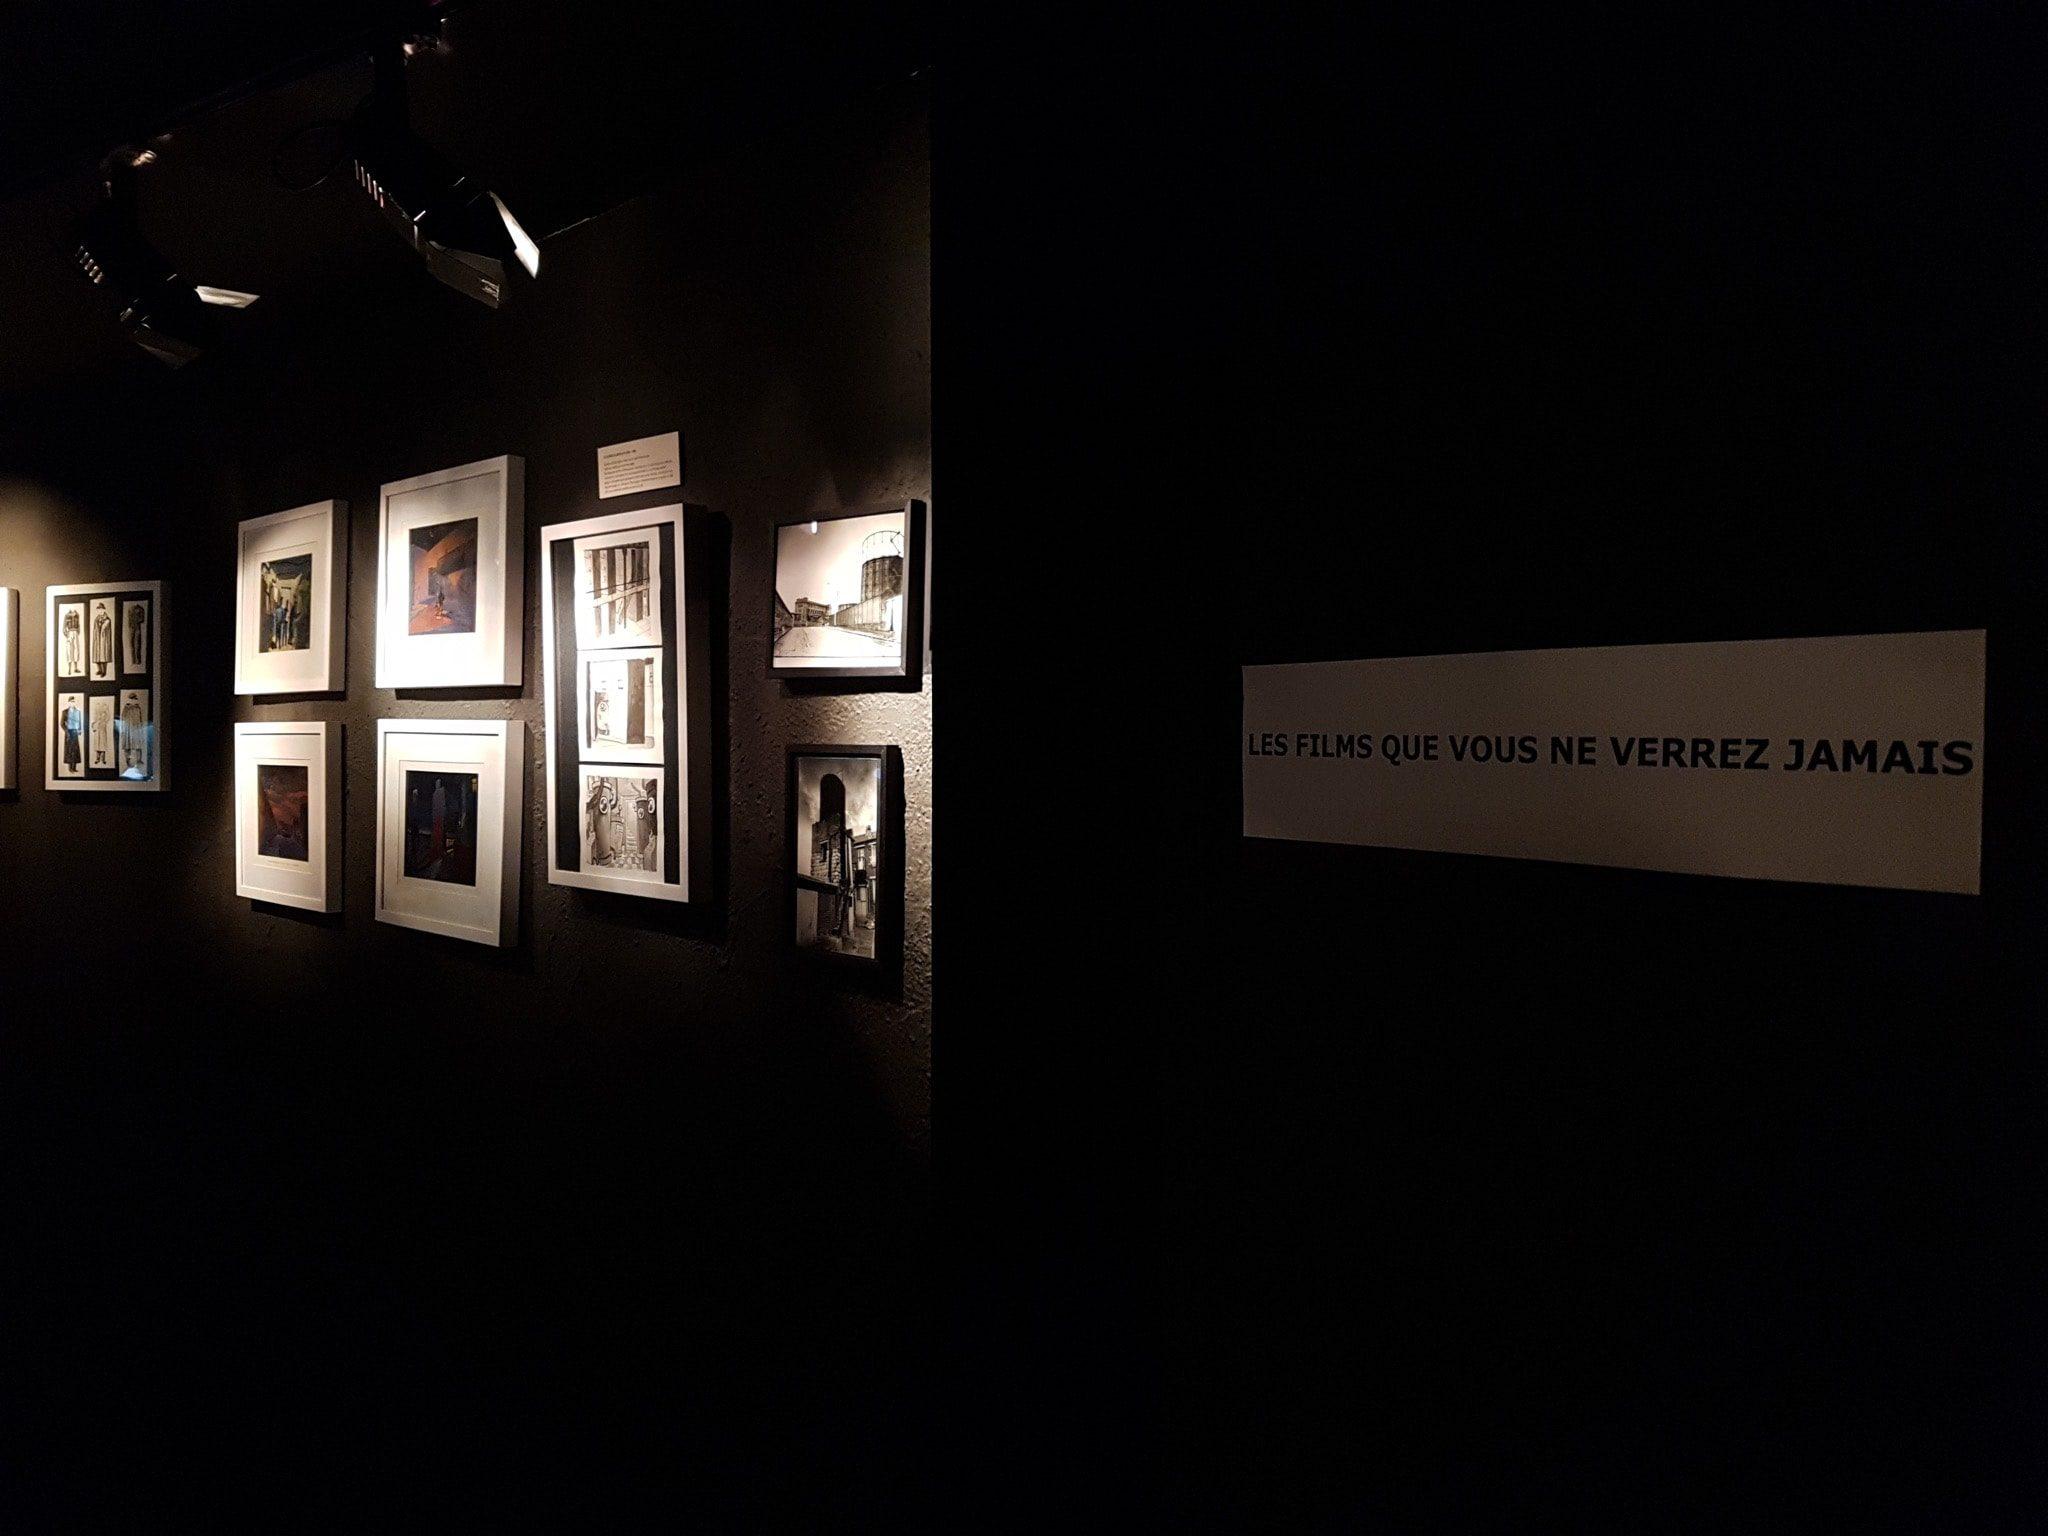 exposition Caro Jeunet La Halle Saint Pierre image-9